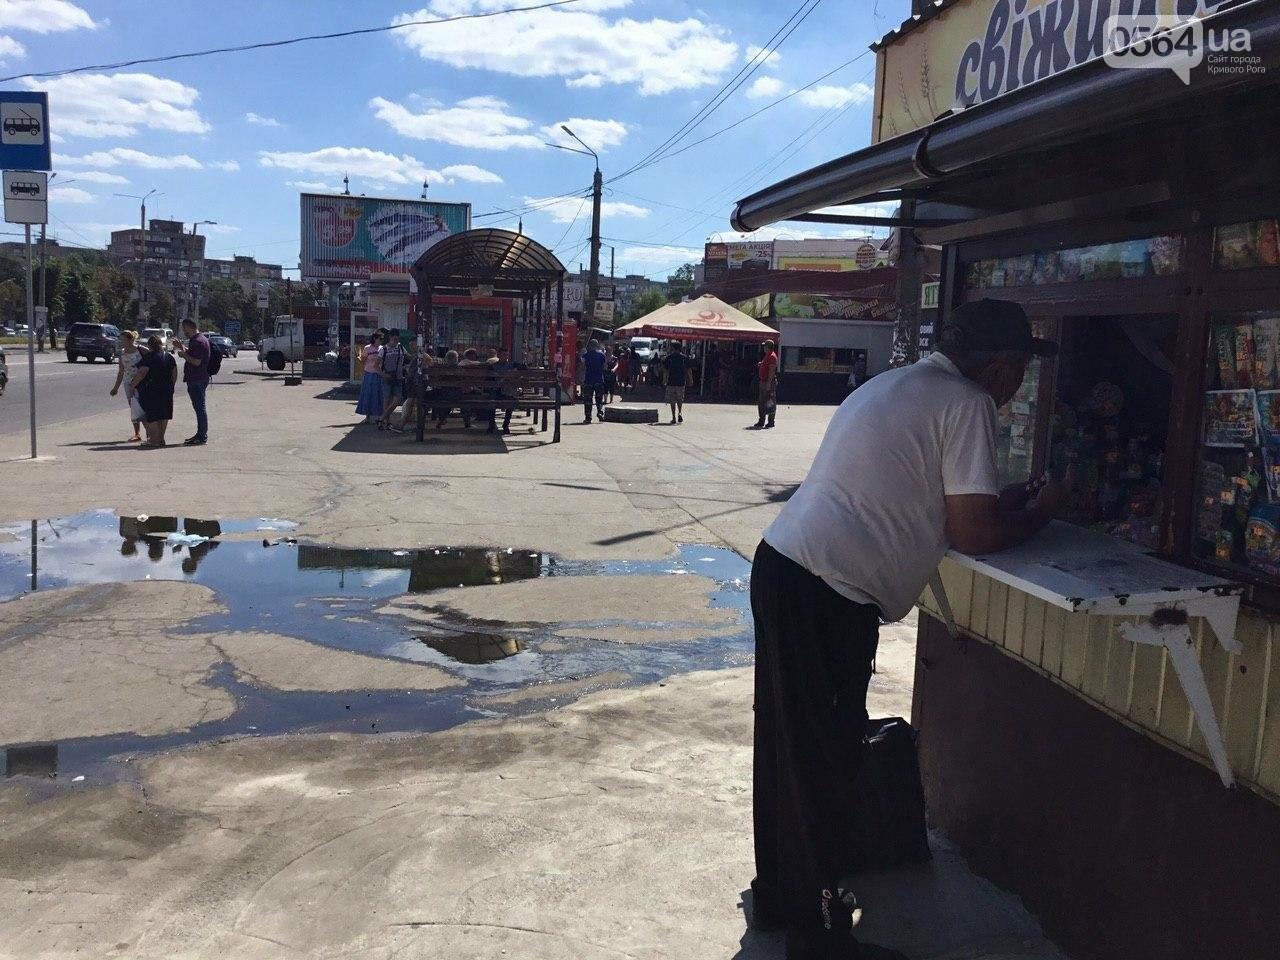 Через пару недель после ремонта в центре Кривого Рога снова фонтанируют стоки, - ФОТО, ВИДЕО, фото-3